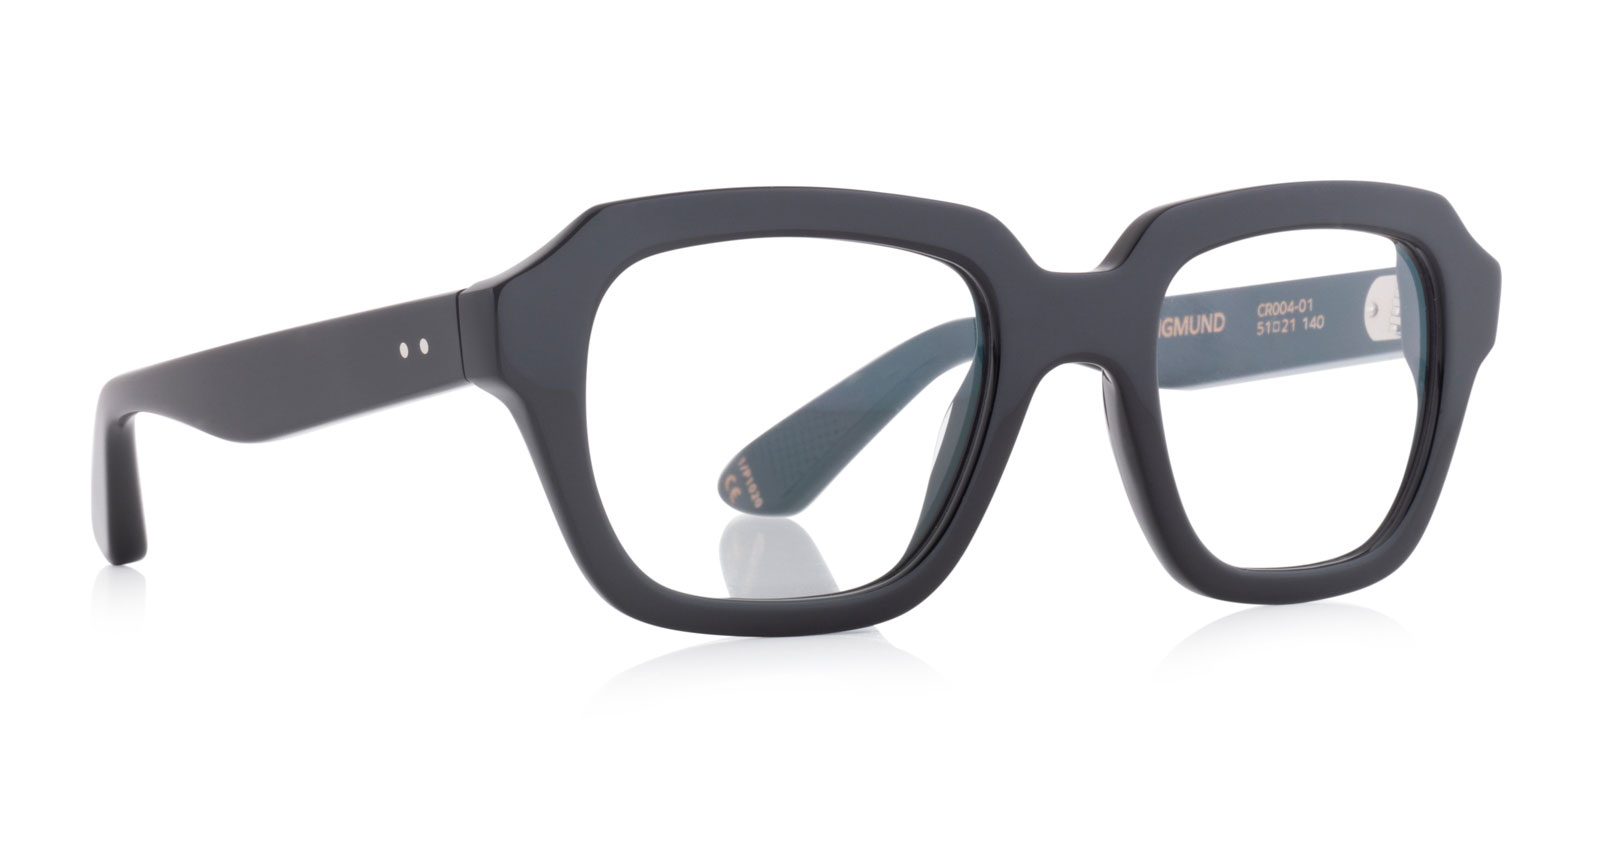 Robert La Roche - Optical Sigmund CR004 01 Side